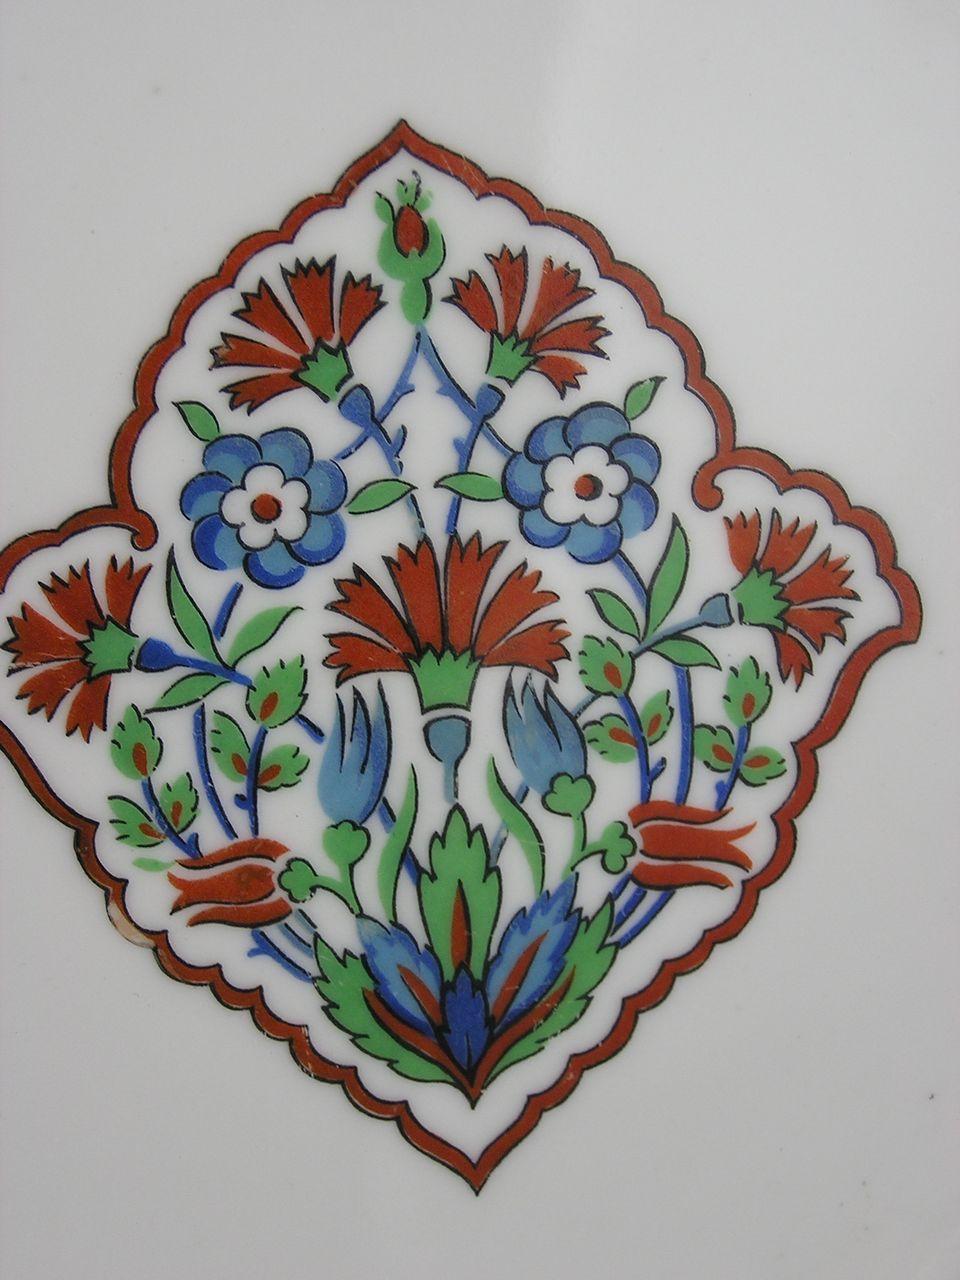 haviland limoges iznik islamic turkish floral motif. Black Bedroom Furniture Sets. Home Design Ideas